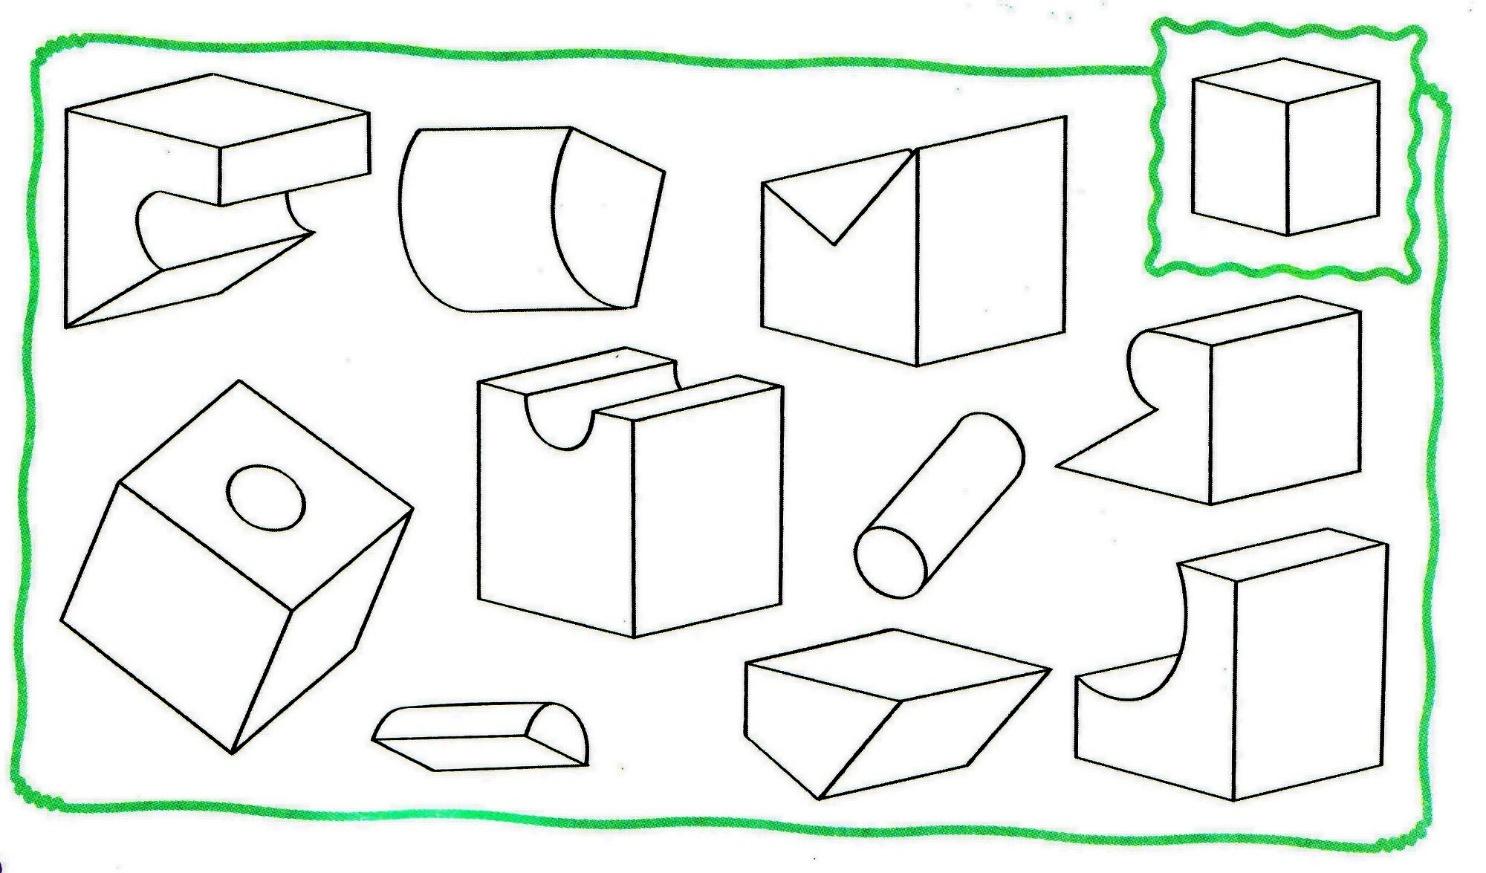 C:\Users\Пользователь\Desktop\для меня рабочая\ЗАНКОВ\подготовка к школе\объемно пространственное мышление 0.jpg